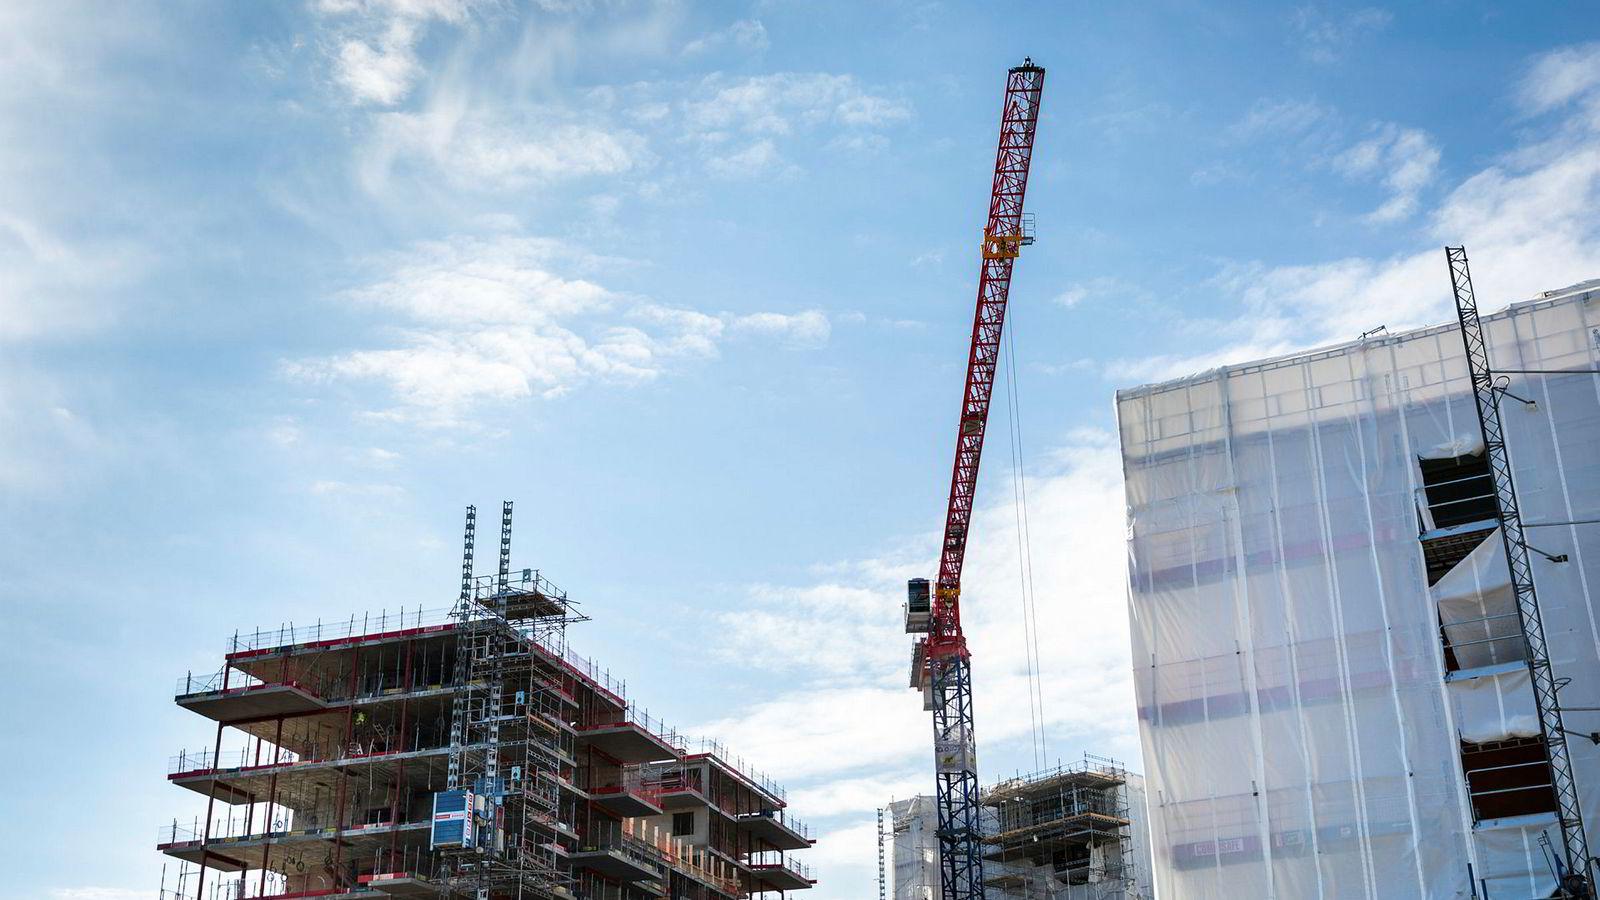 Etter svakt nyboligsalg i 2017 og 2018, er tendensen i Norge stor nedgang i igangsetting av boligbygging, viser rapporten Econ Nye Boliger fra Samfunnsøkonomisk analyse.